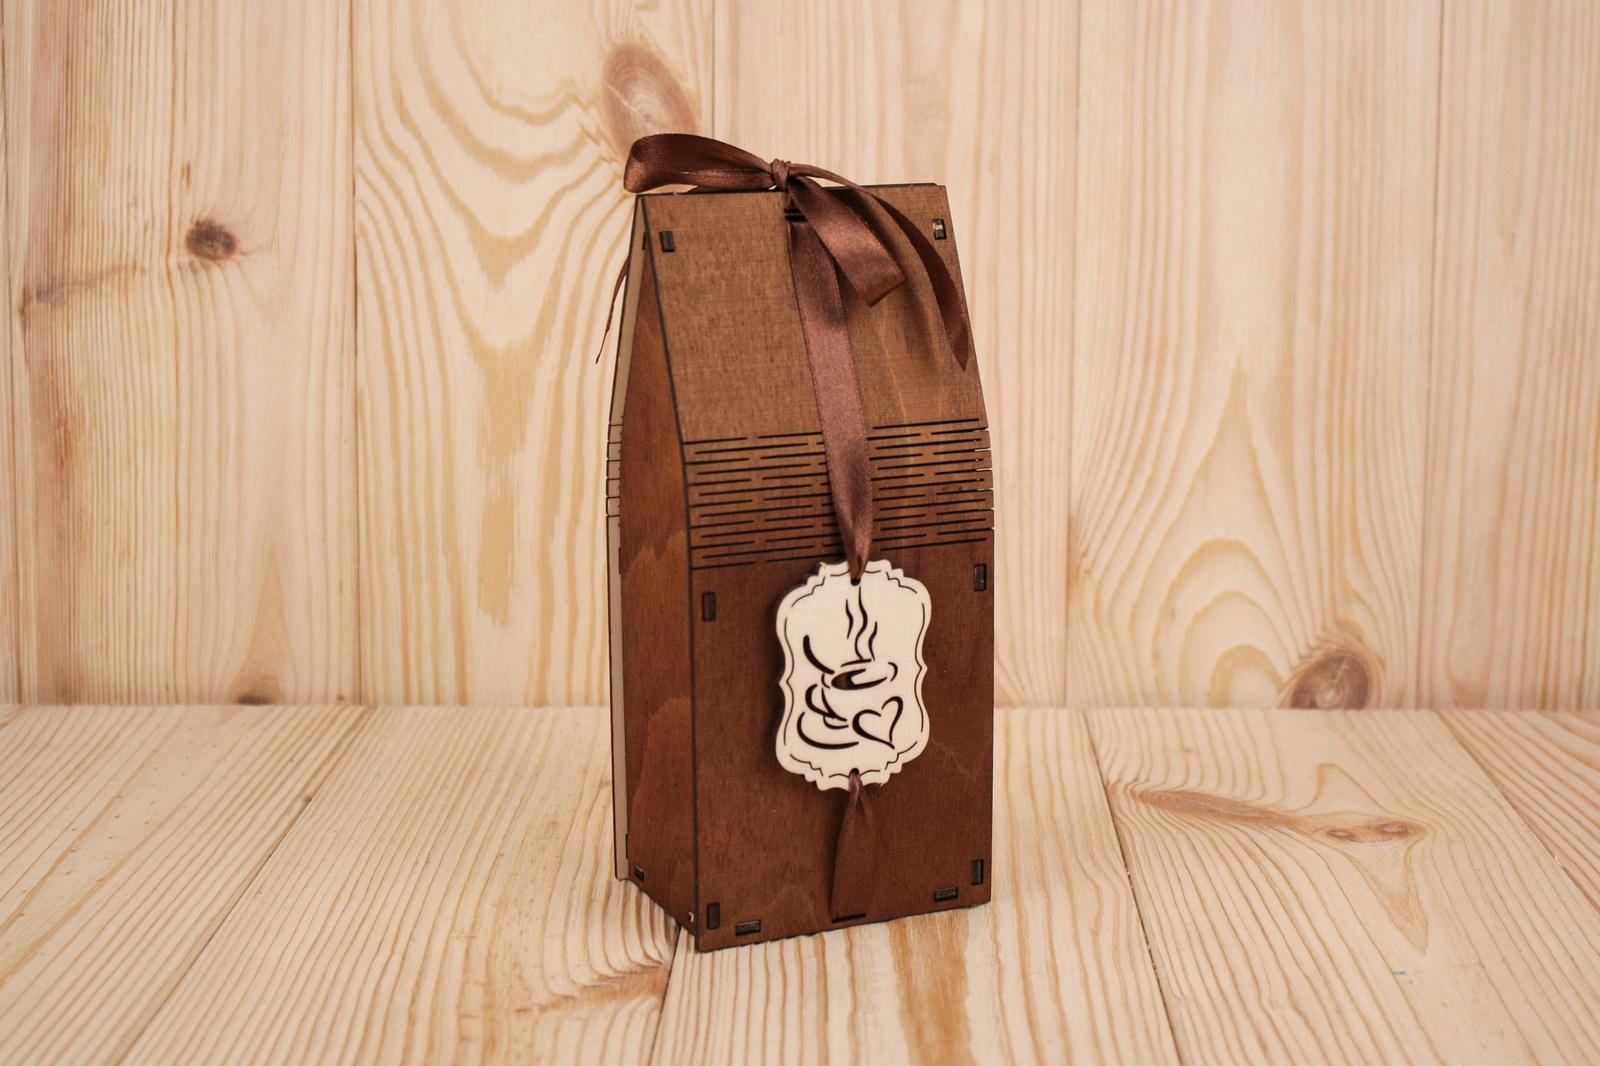 Подарочная упаковка Мастер Дизайн ПУ382001700, коричневый подарочная упаковка мастер дизайн пу385001700 коричневый